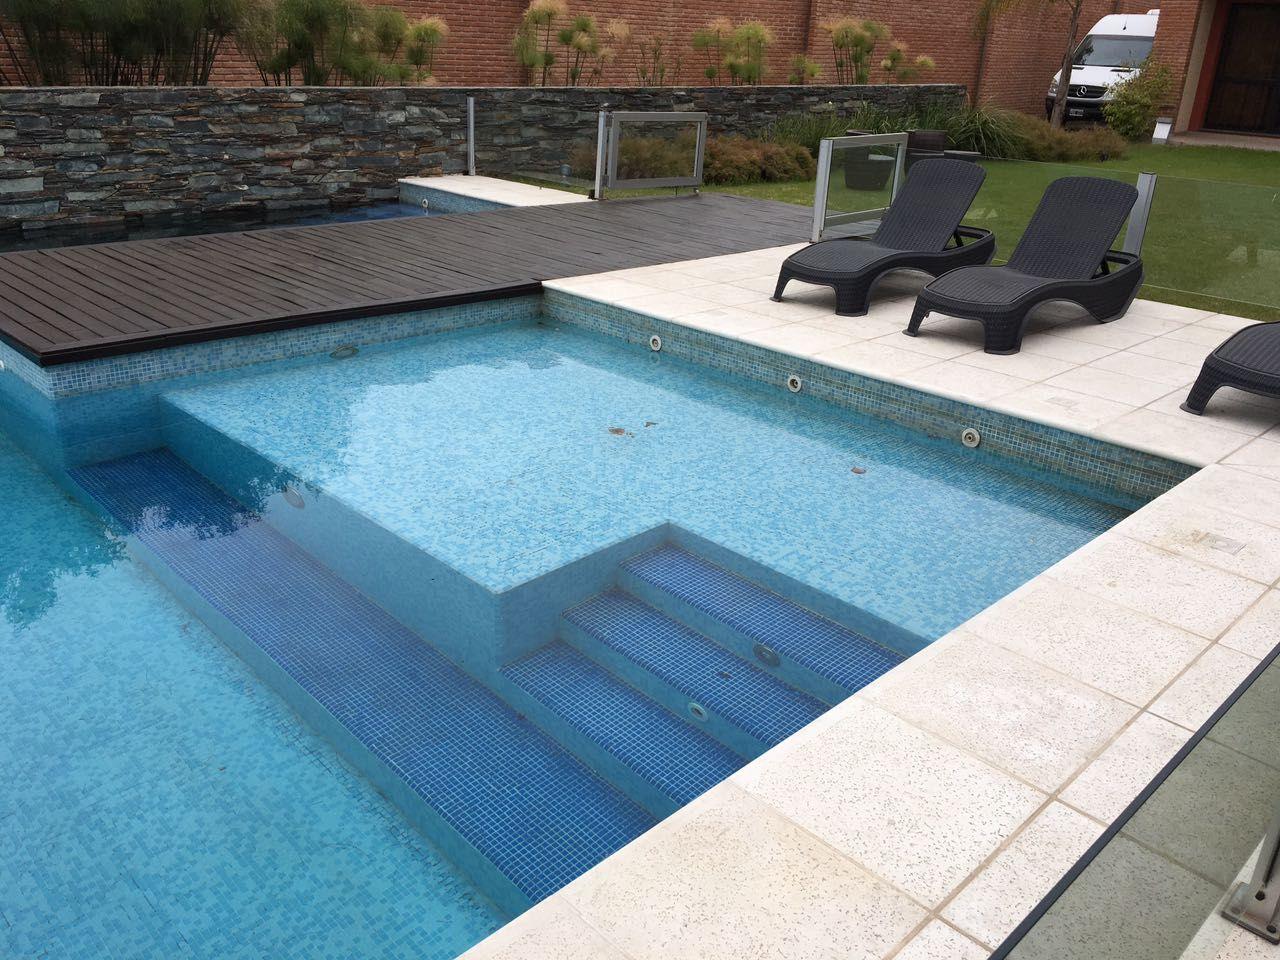 Hotel neper piscina wellness solarium revestimiento venecita iluminaci n subacu tica - Diseno de piscinas ...